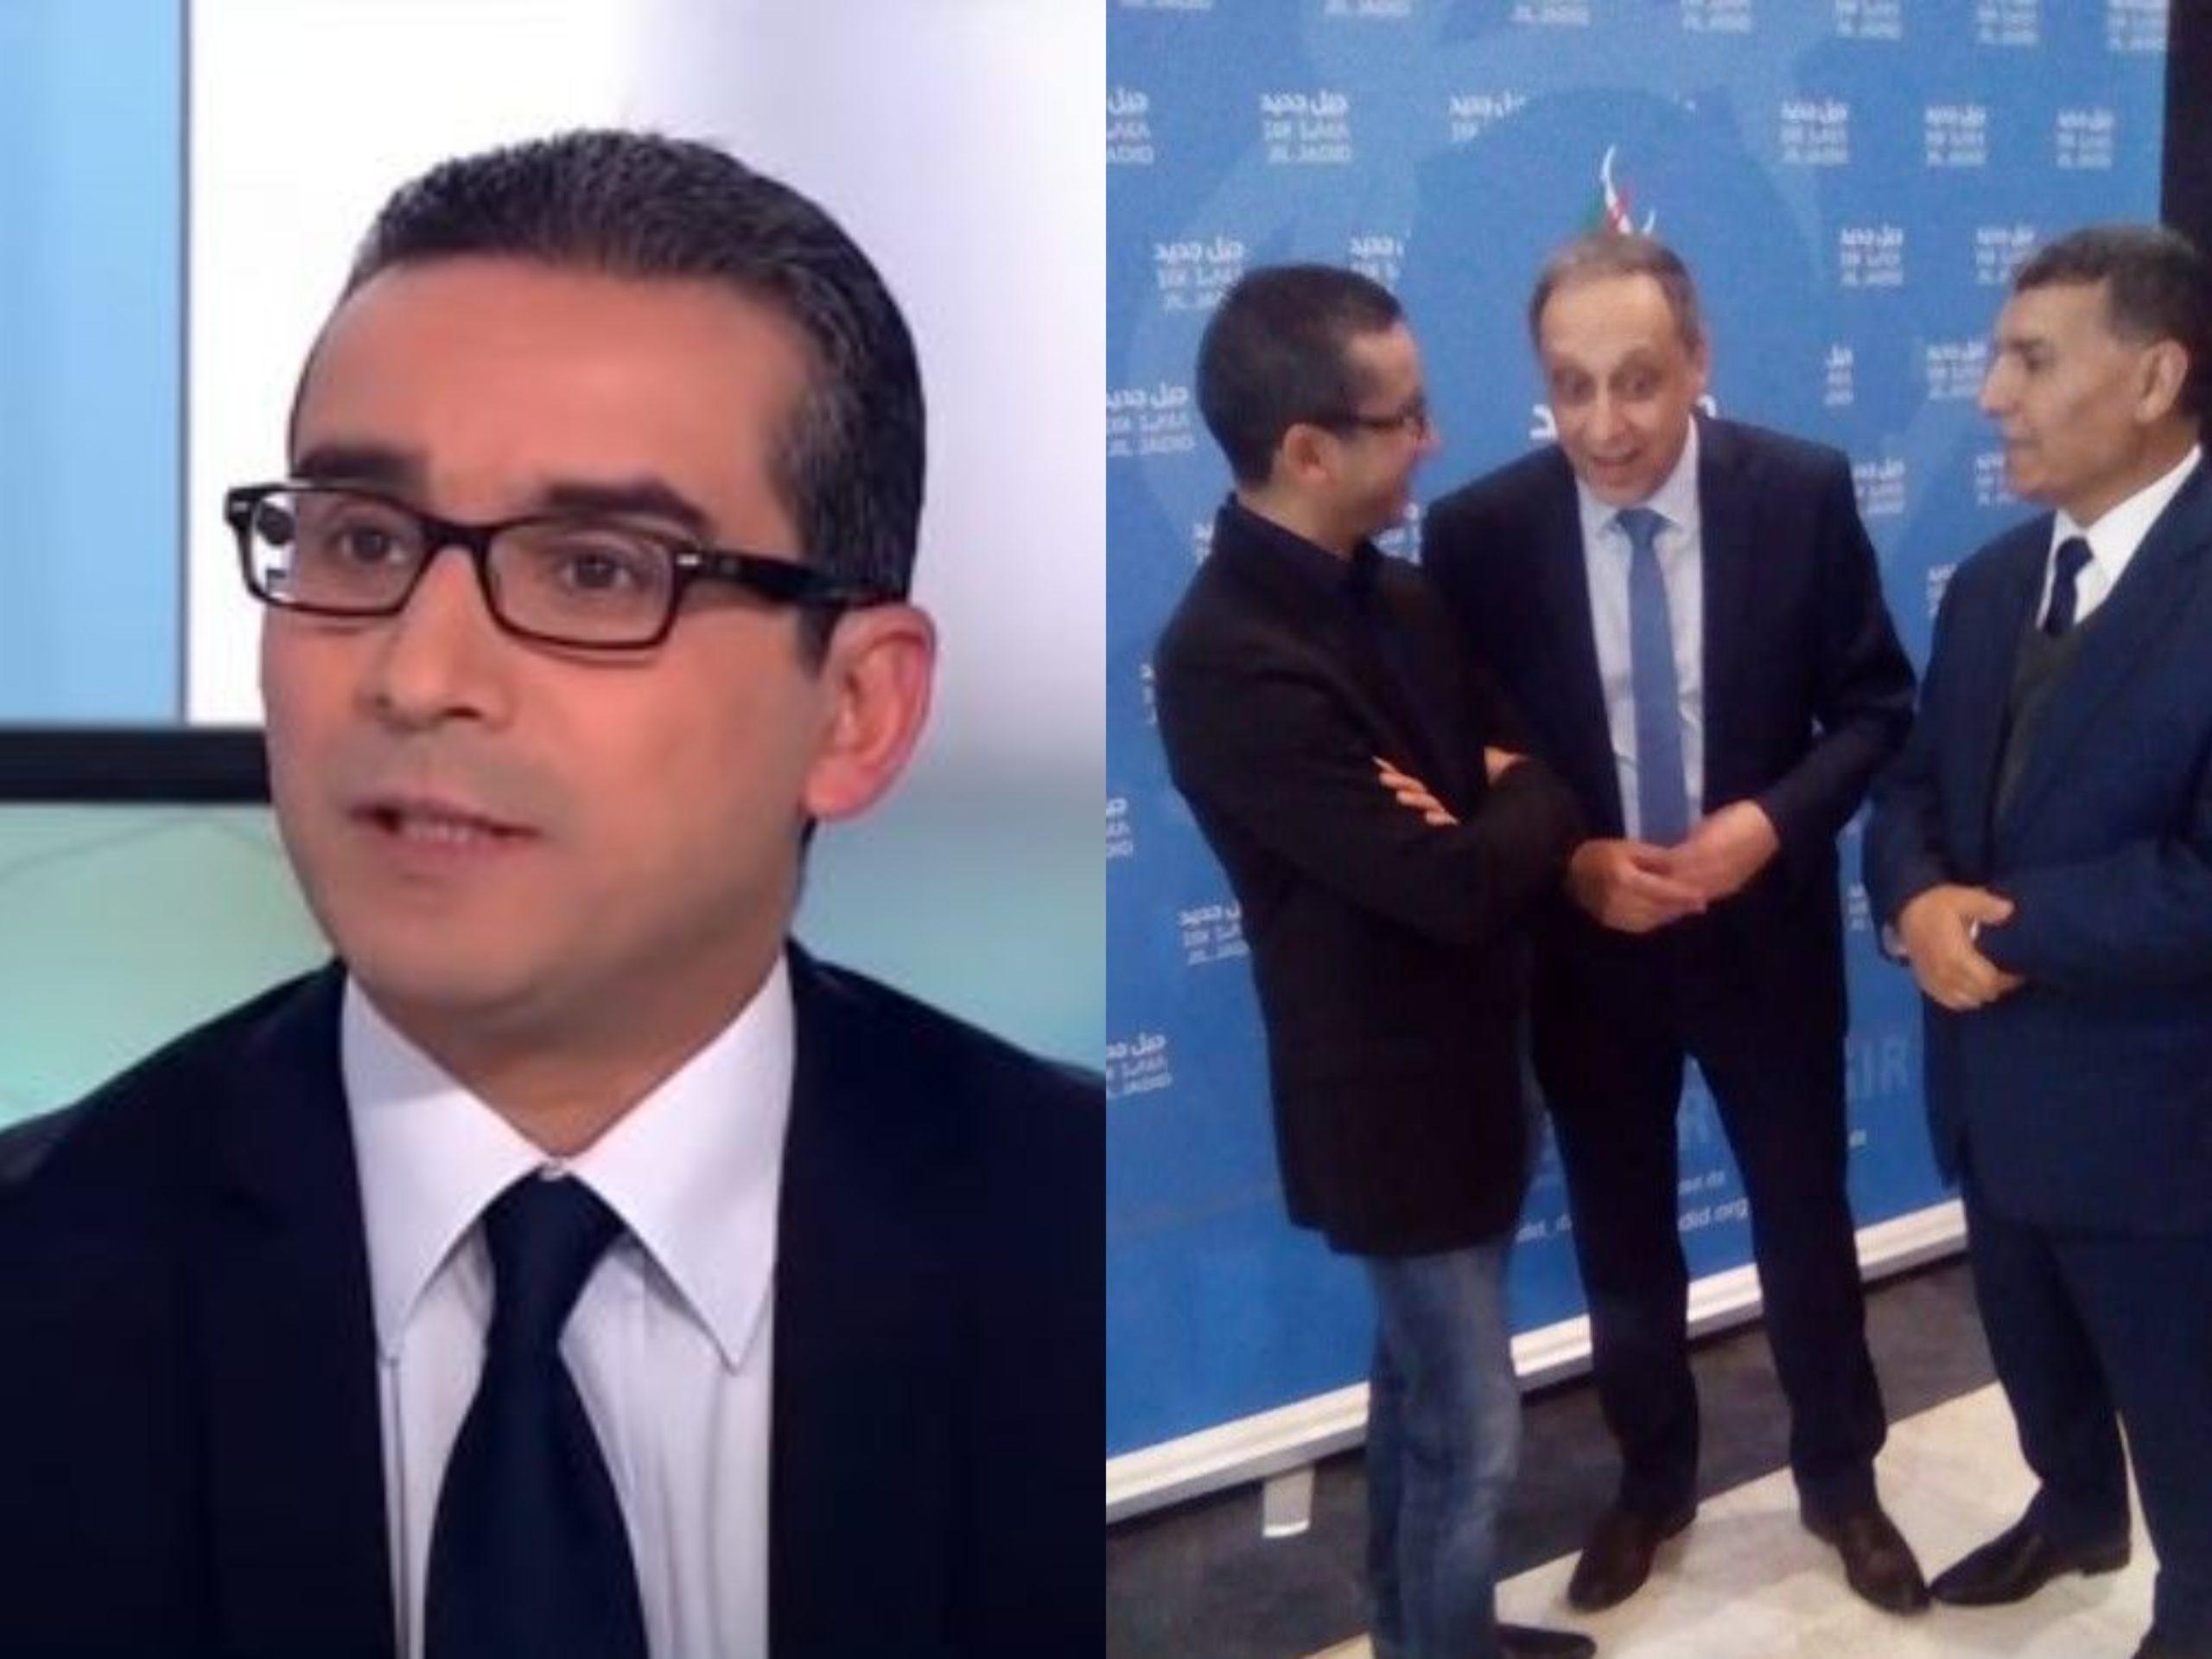 انتخاب زهير رويس كنائب لرئيس الحزب: رسالة ثقة قوية للجالية